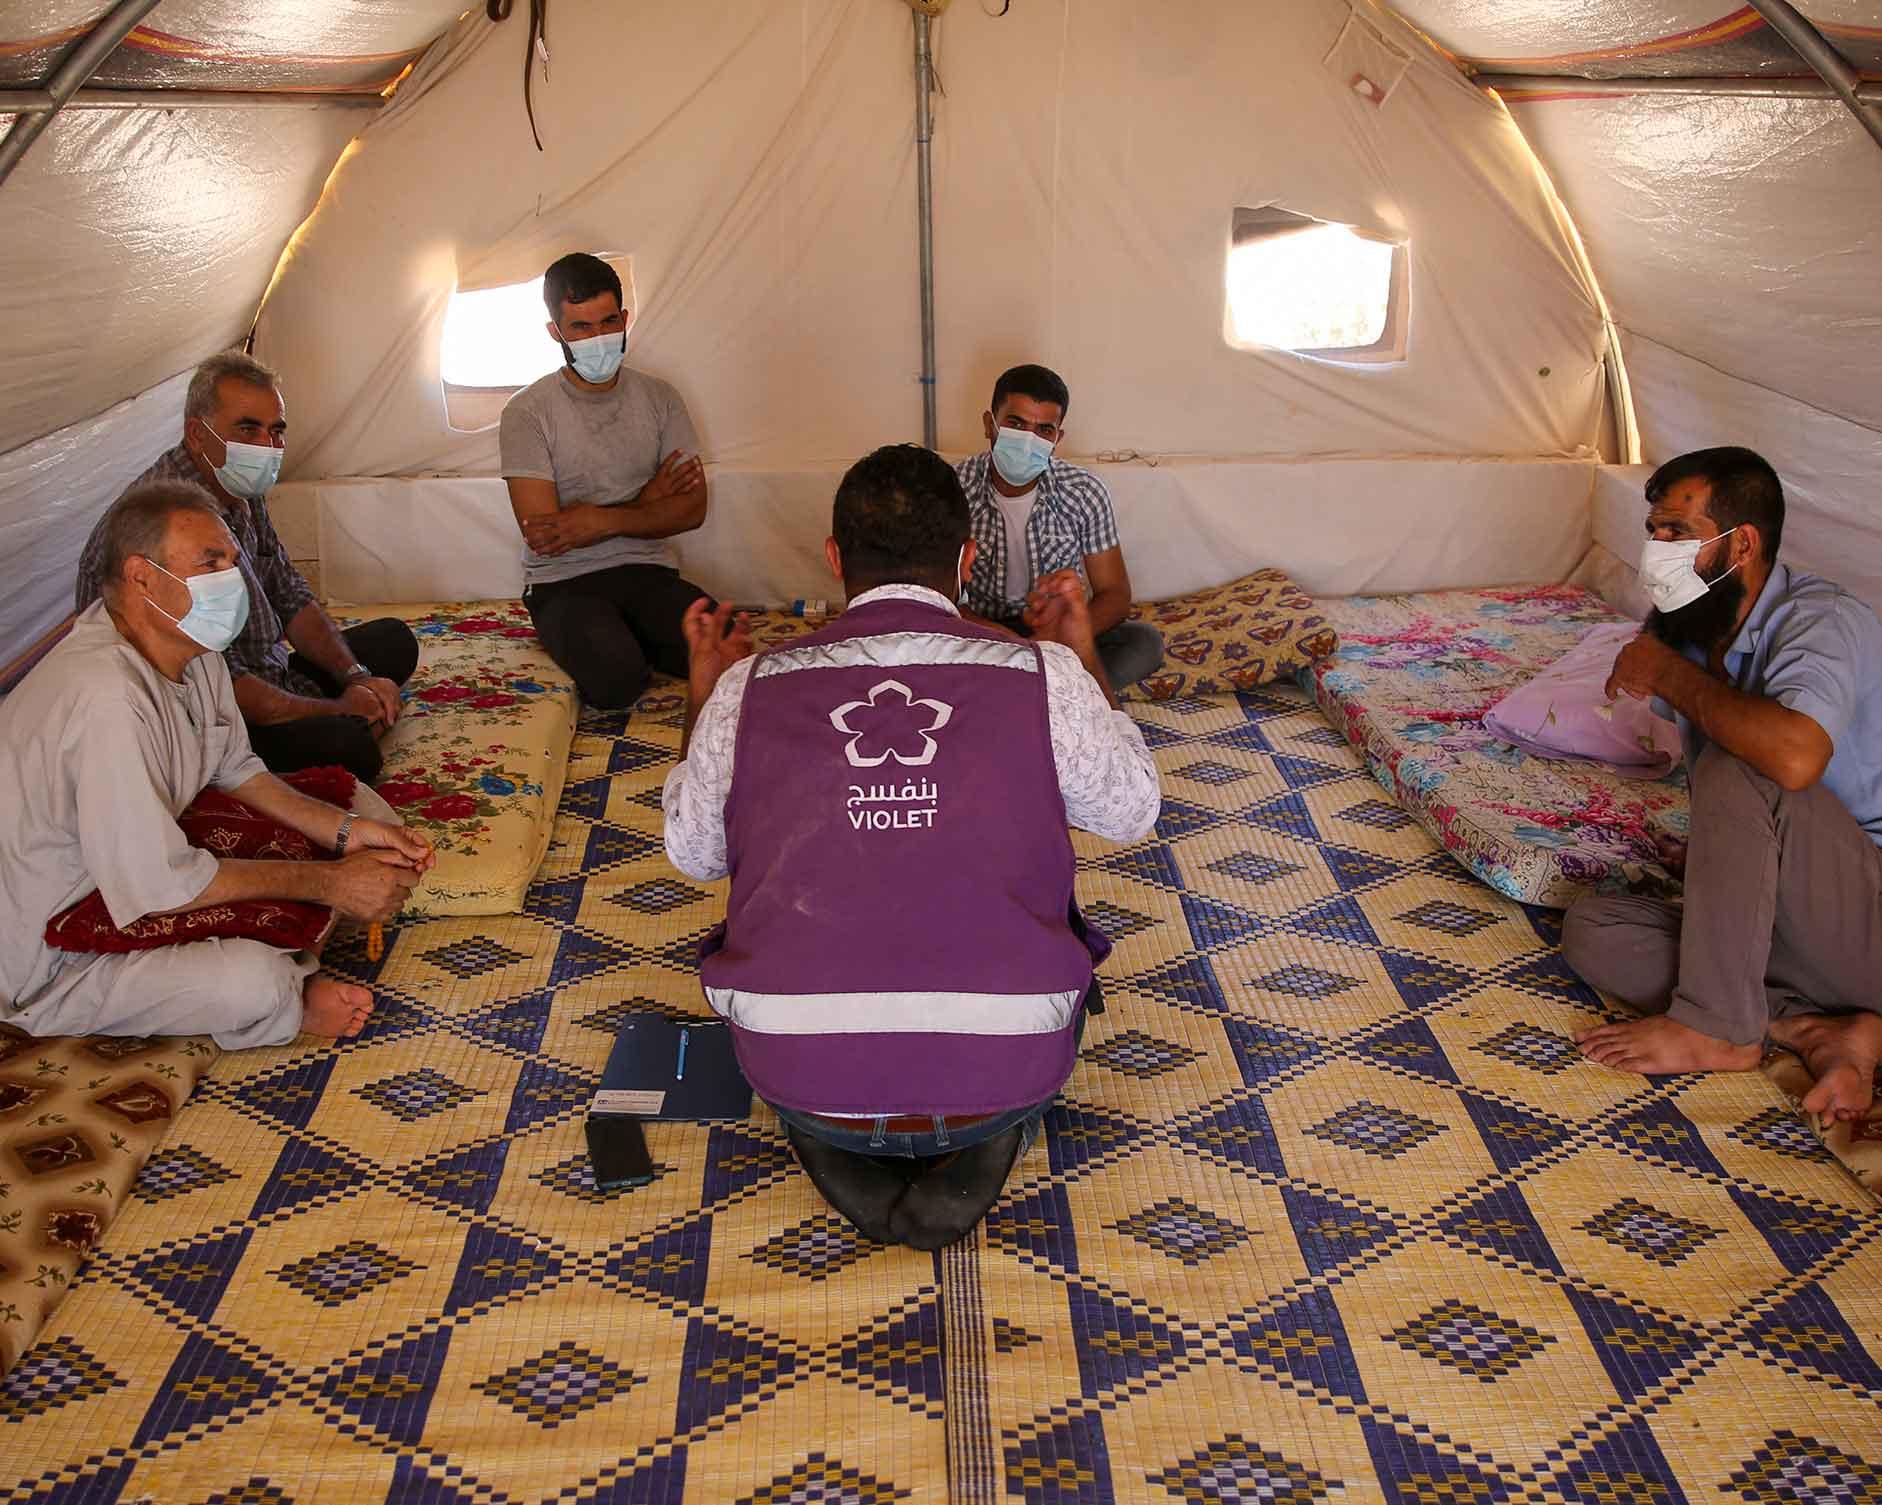 دعم المجتمع عبر المبادرات الشبابية في شمال غرب سوريا